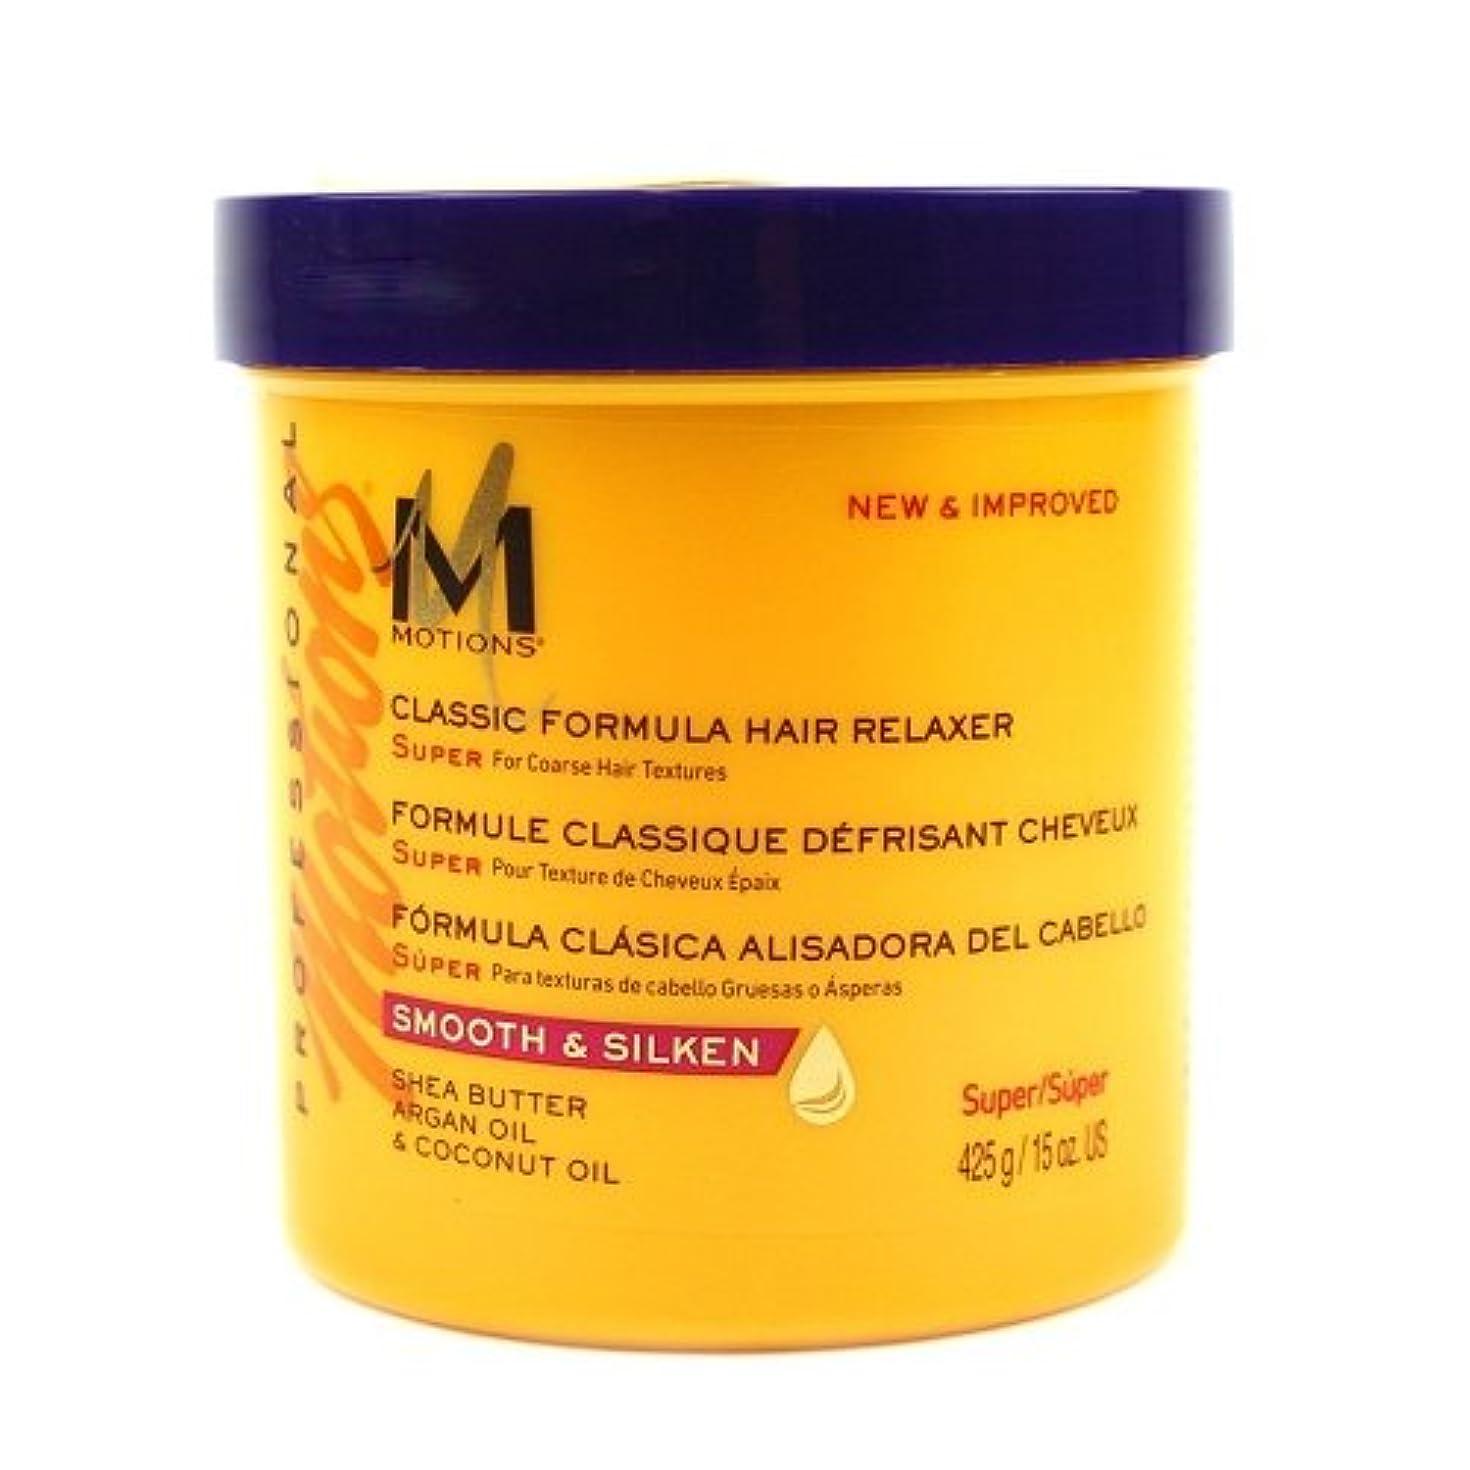 是正する繊毛カスタムMotions Professional Mo33815運動クラシック灰汁リラクサー式、スーパー